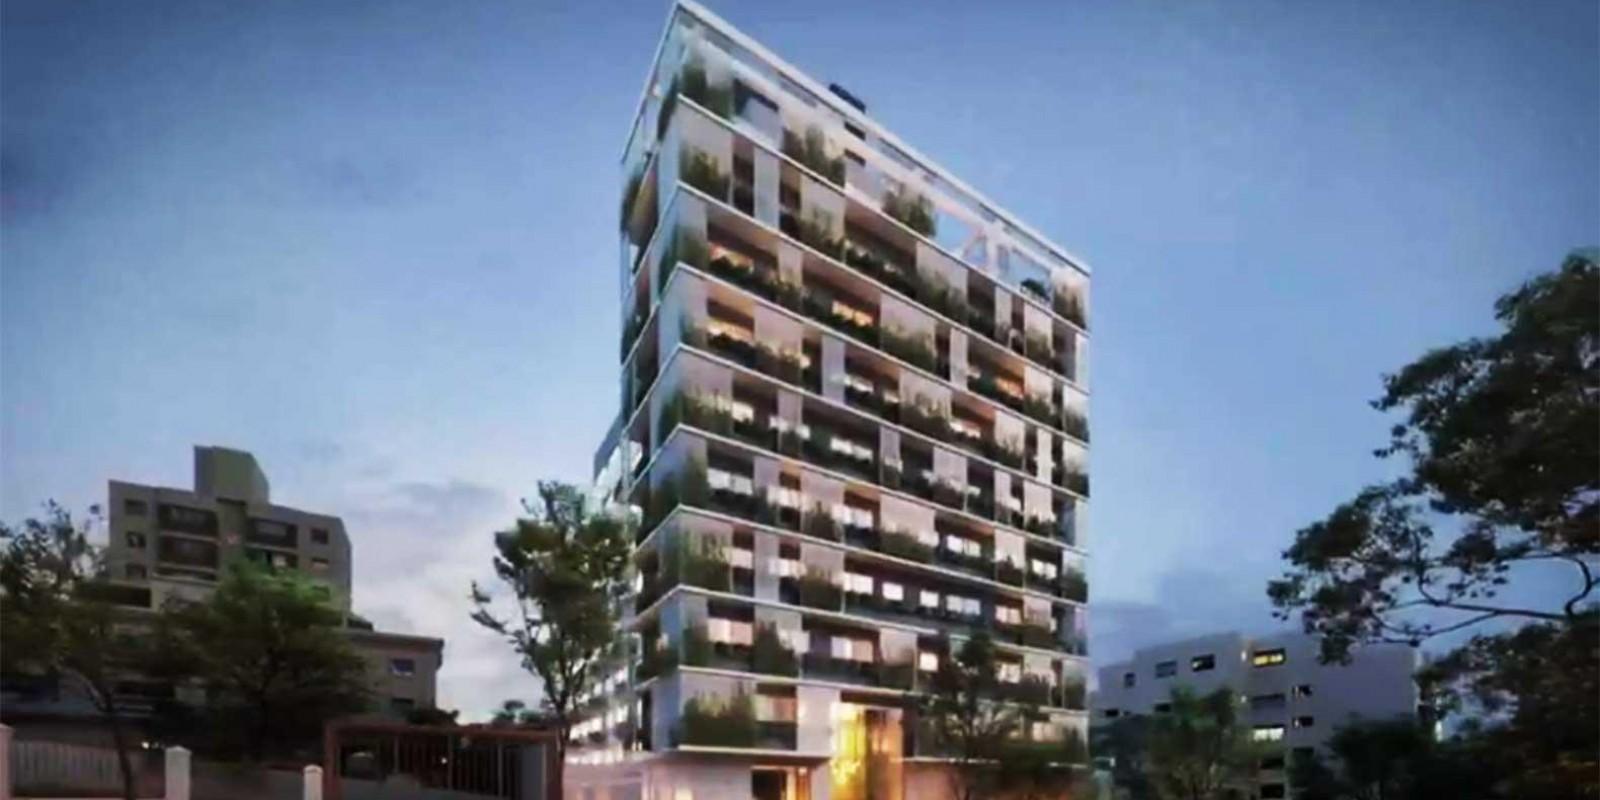 TPS Imóveis - Veja Foto 10 de 14 do Apartamento a Venda 1 e 2 Dormitórios em Porto Alegre